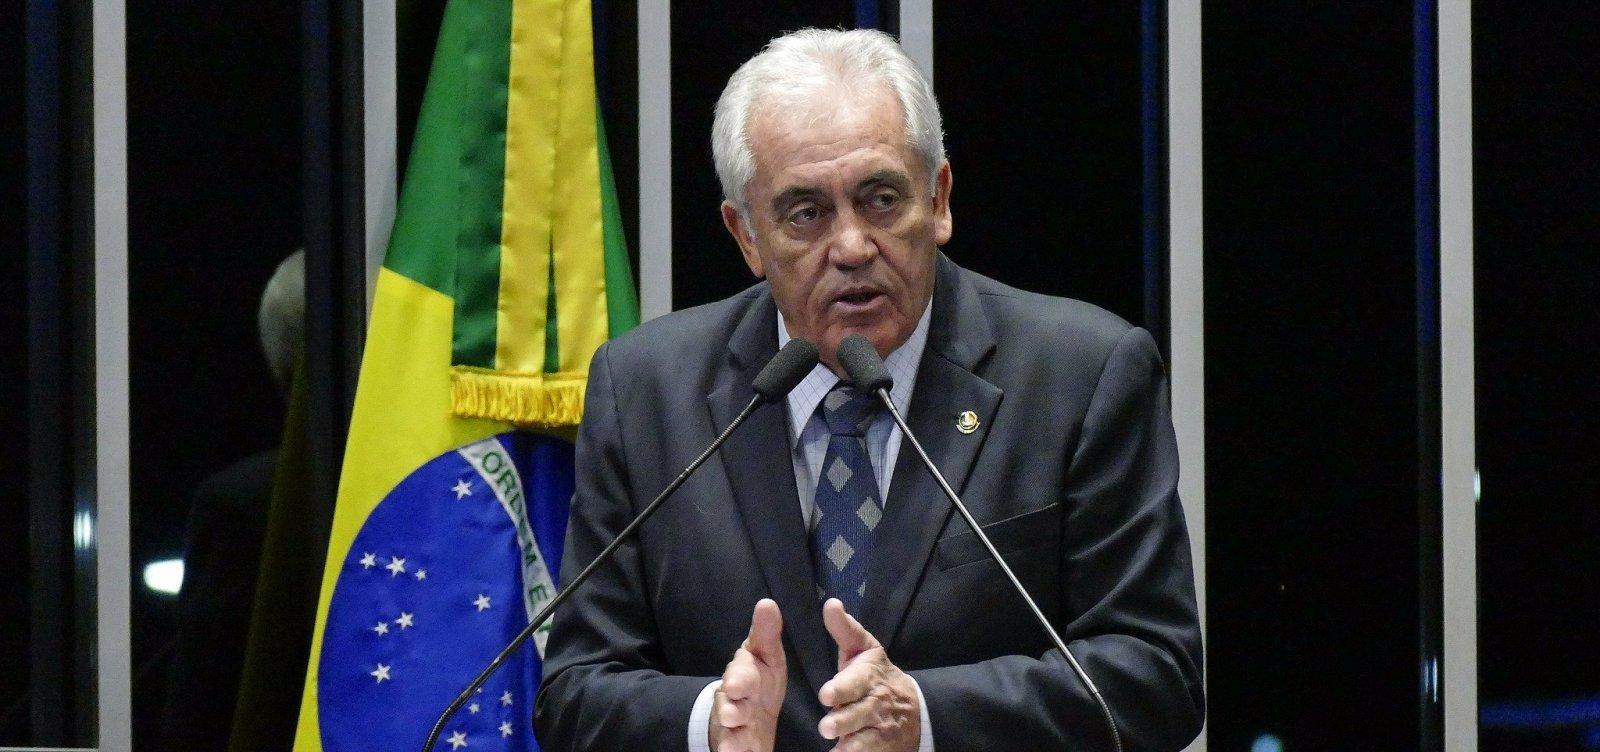 ['Soltura de Lula mostra insegurança jurídica que o Brasil vive', avalia Otto Alencar]